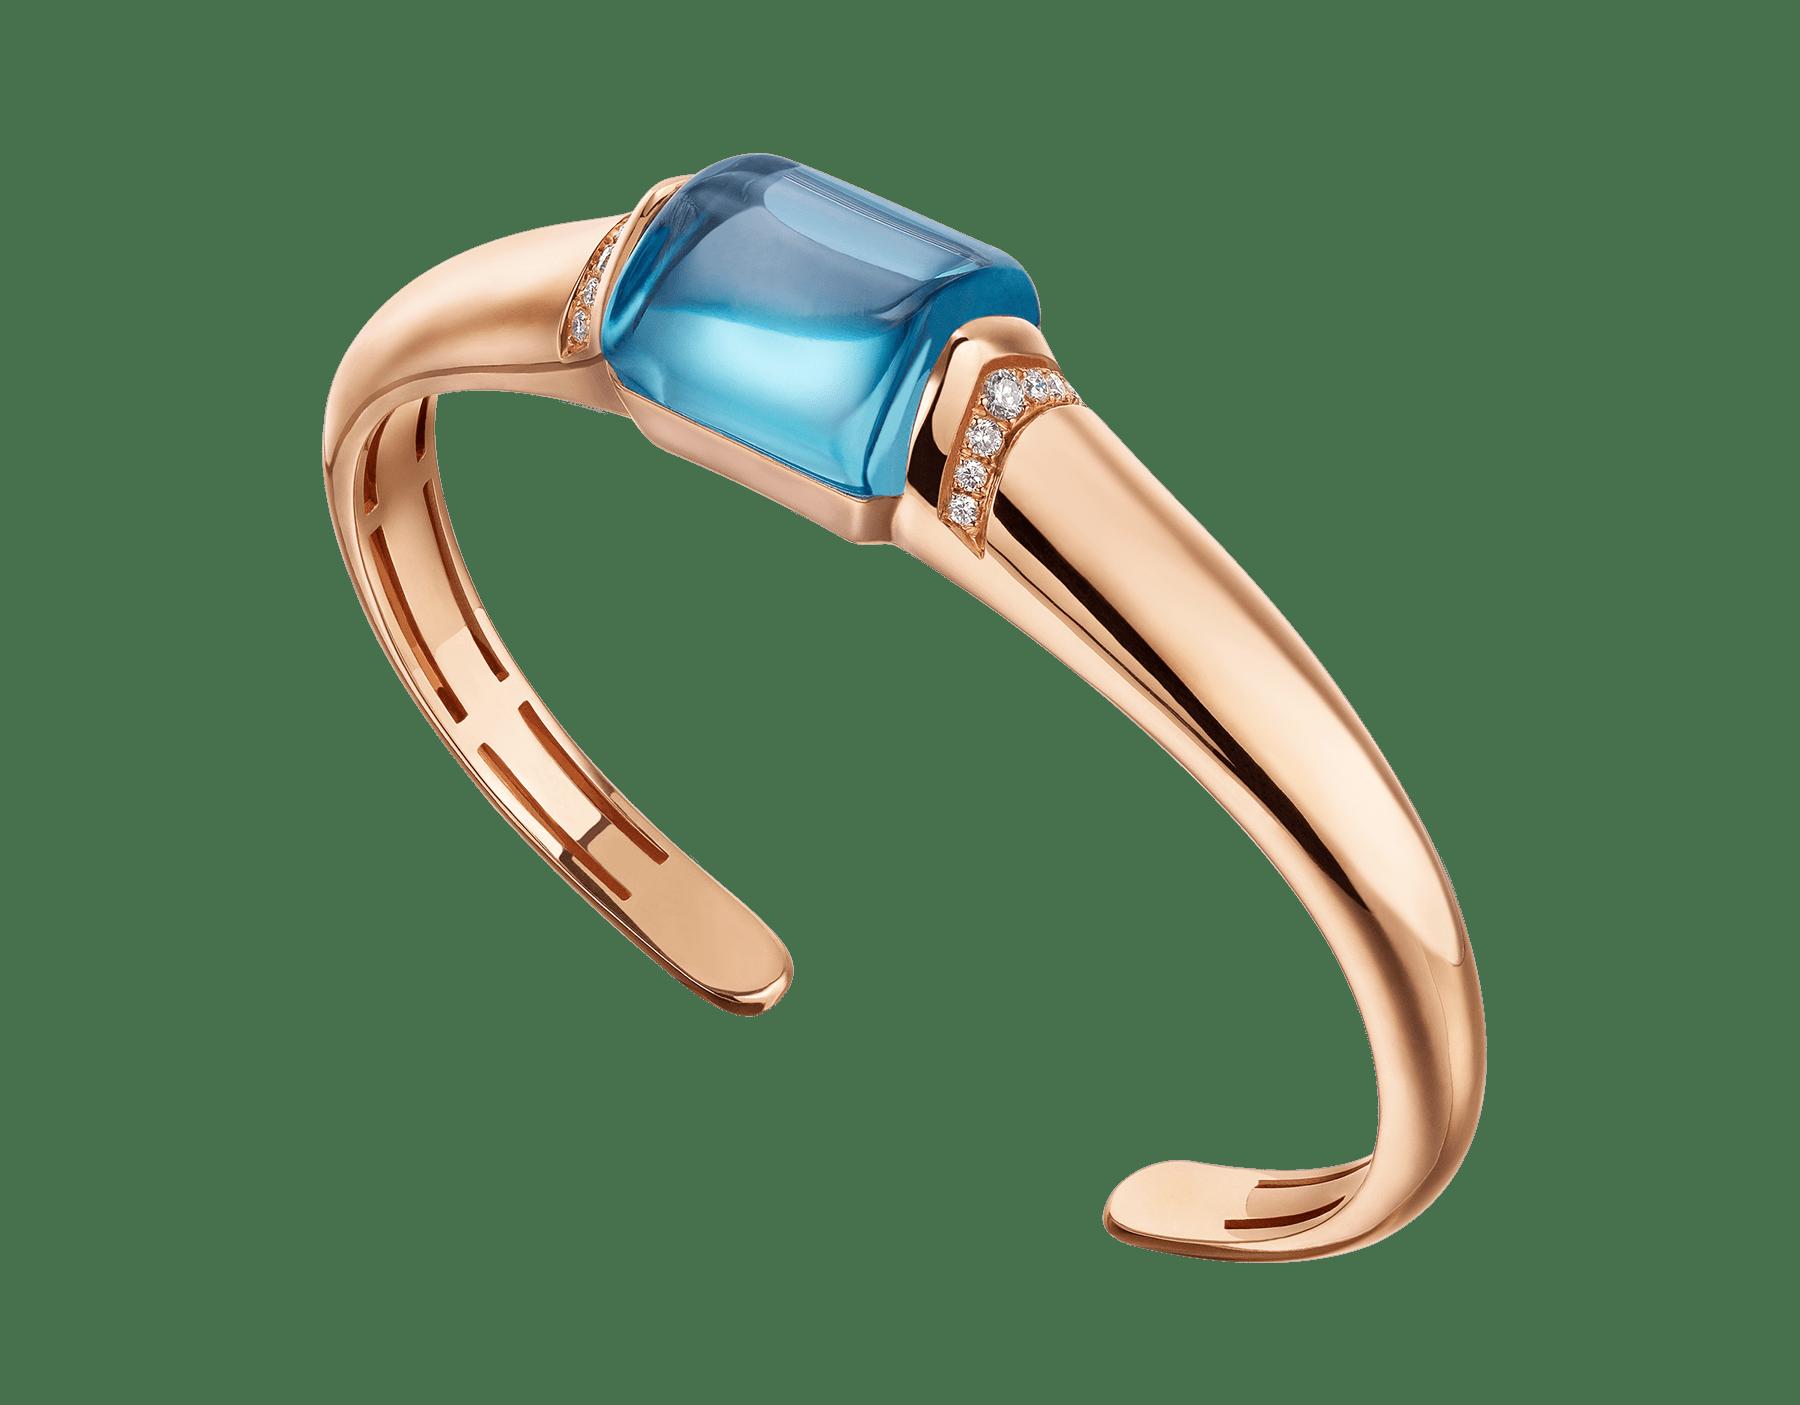 MVSA Armband aus 18 Karat Roségold mit einem blauen Topas und Diamant-Pavé 349554 image 1